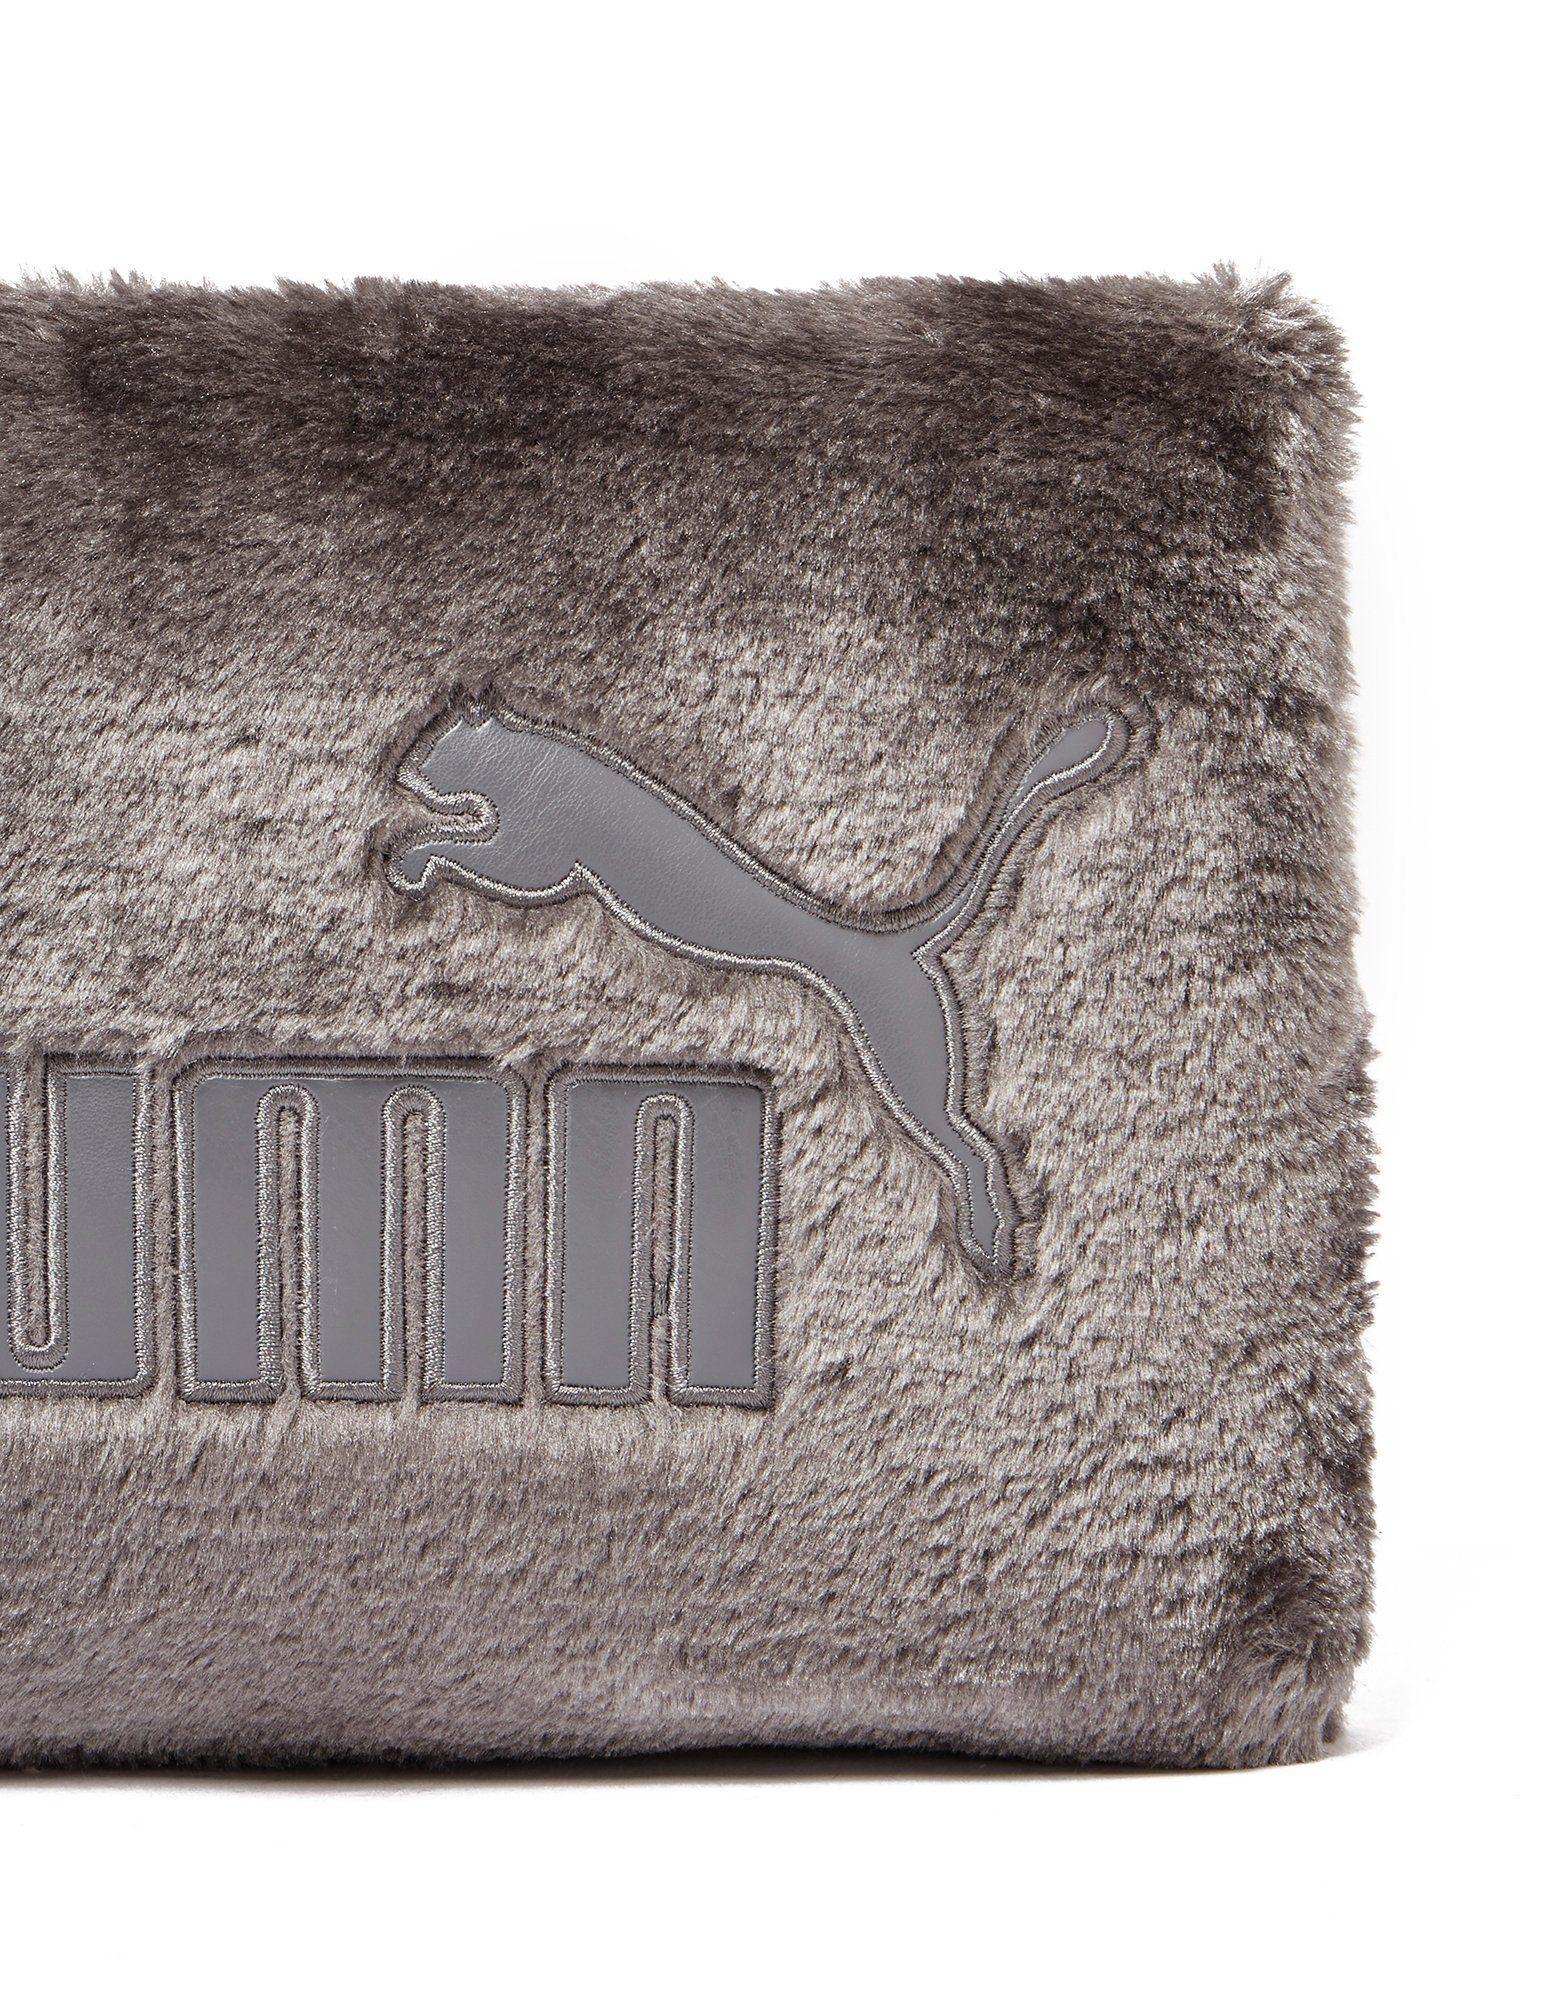 PUMA Fur Clutch Bag